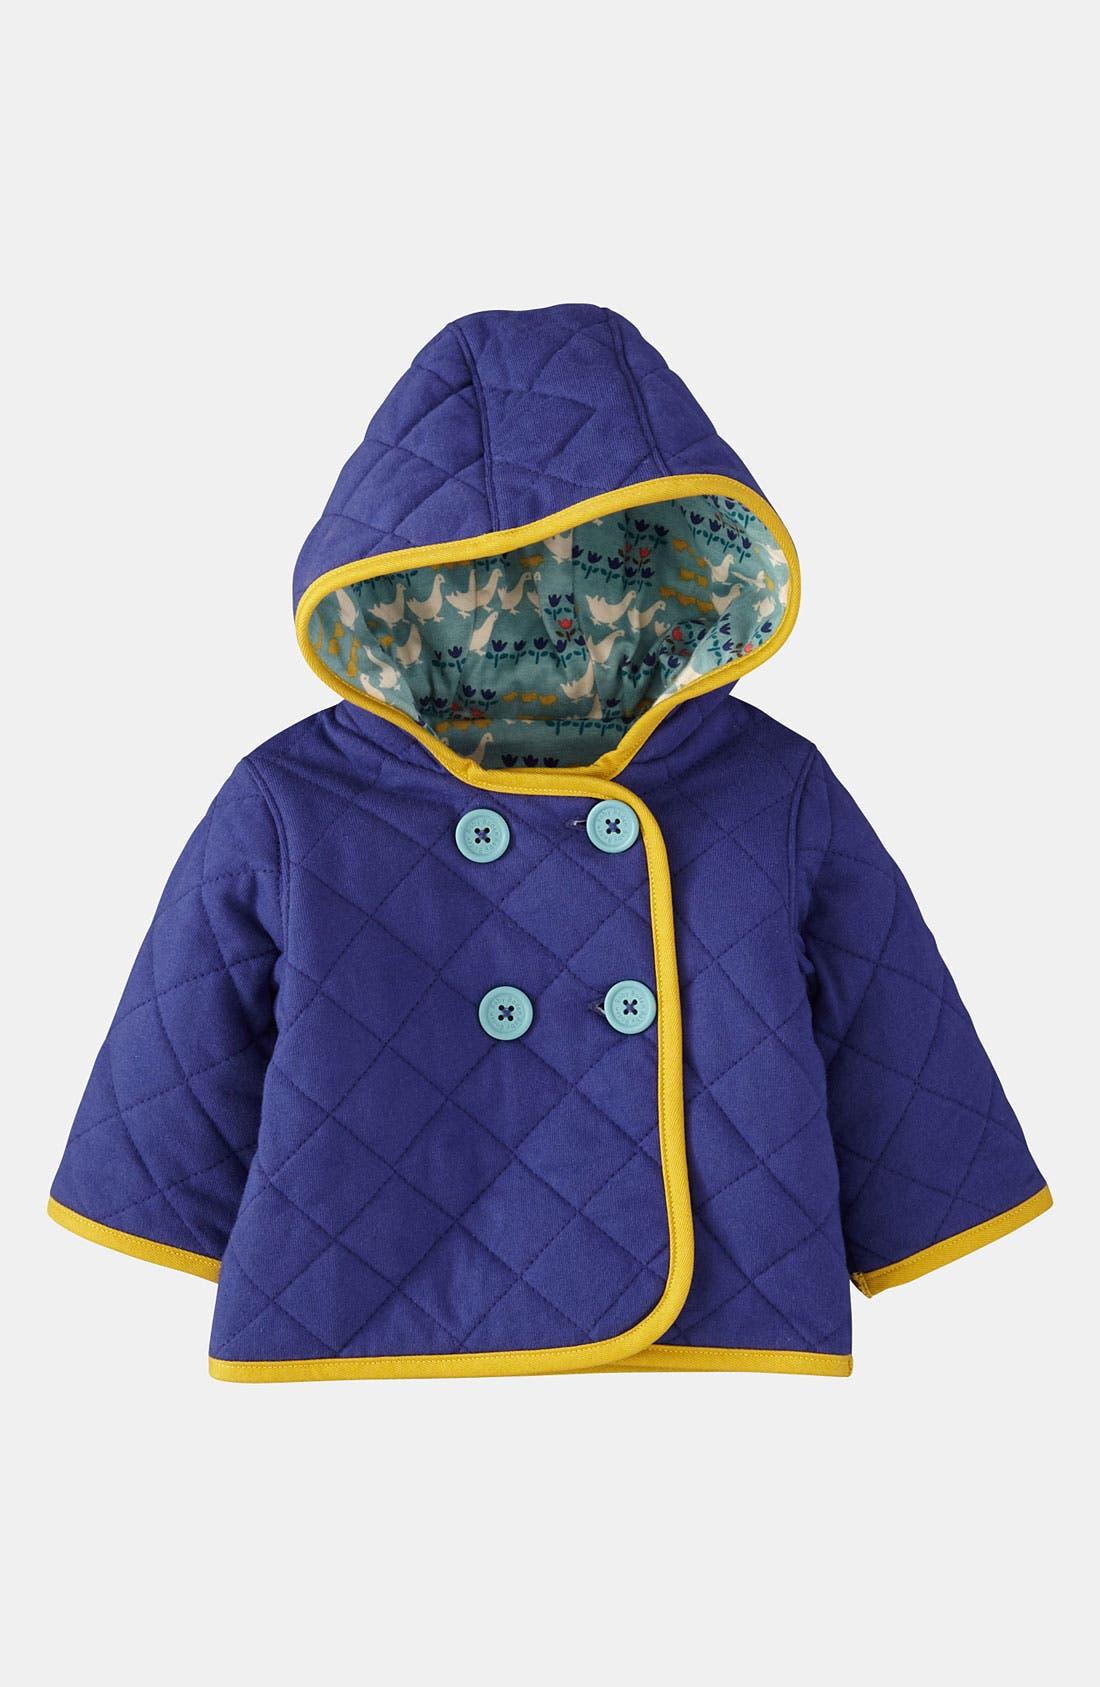 Alternate Image 1 Selected - Mini Boden Quilt Jacket (Infant)